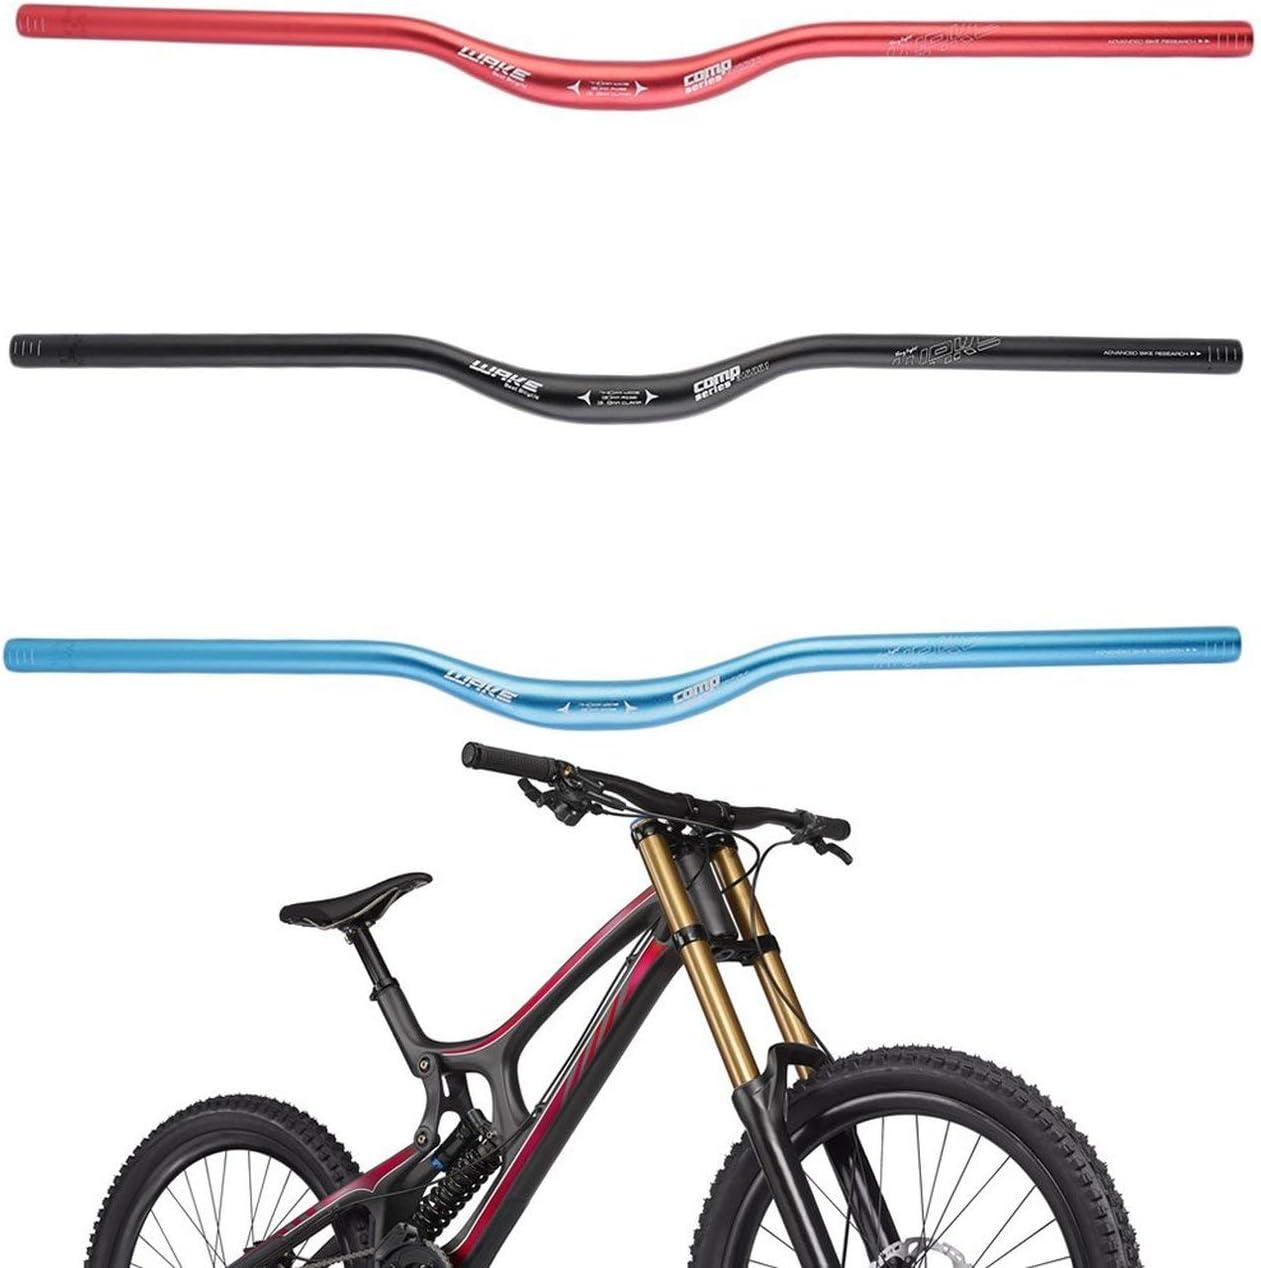 Ballylelly Monta/ña para Bicicleta de aleaci/ón de Aluminio de 30 mm 31,8 Abrazadera del Manillar Riser 740mm